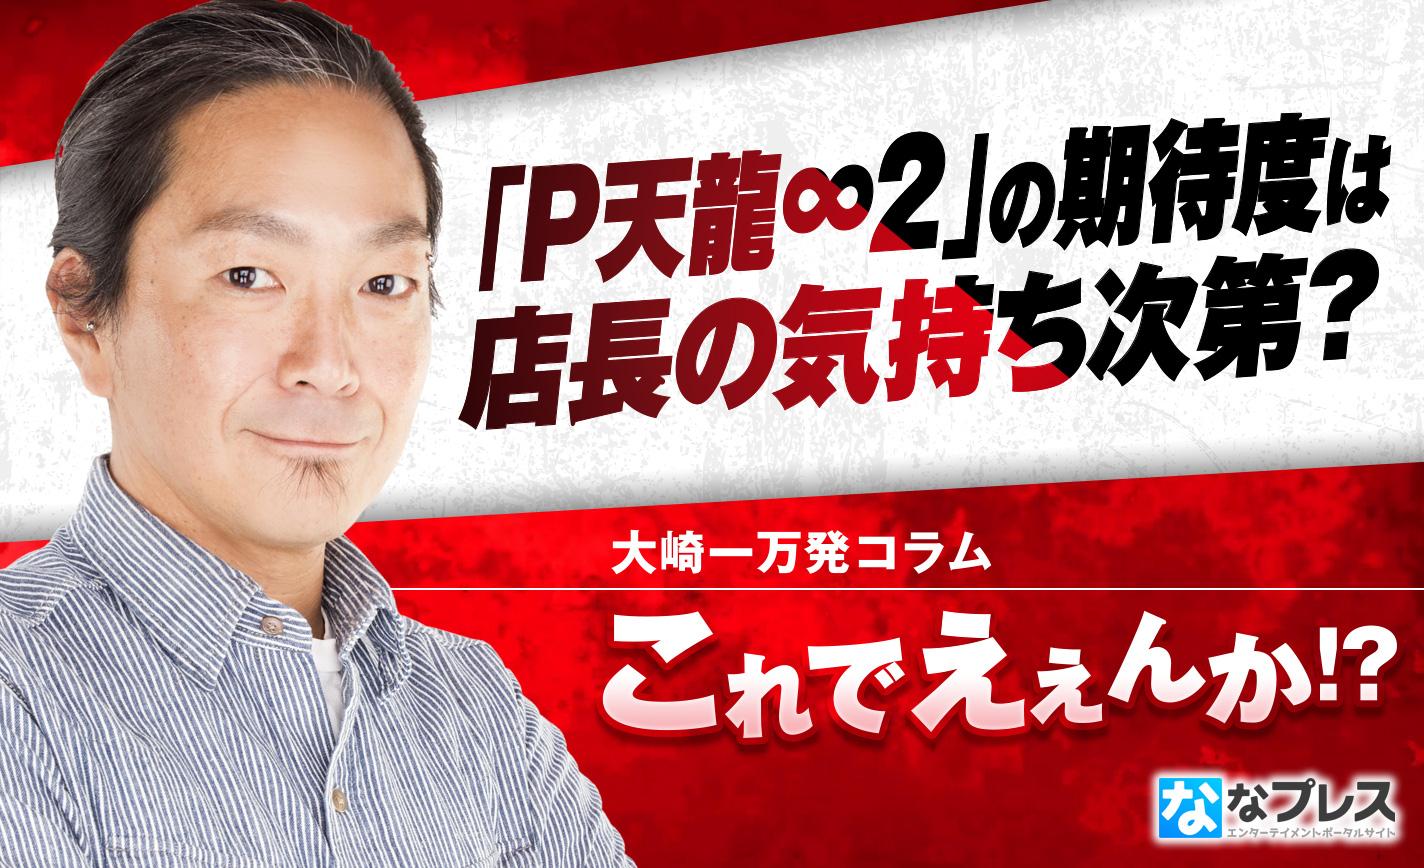 大崎一万発待望の「P天龍∞2」導入間近!期待度は店長の気持ち次第!? eyecatch-image